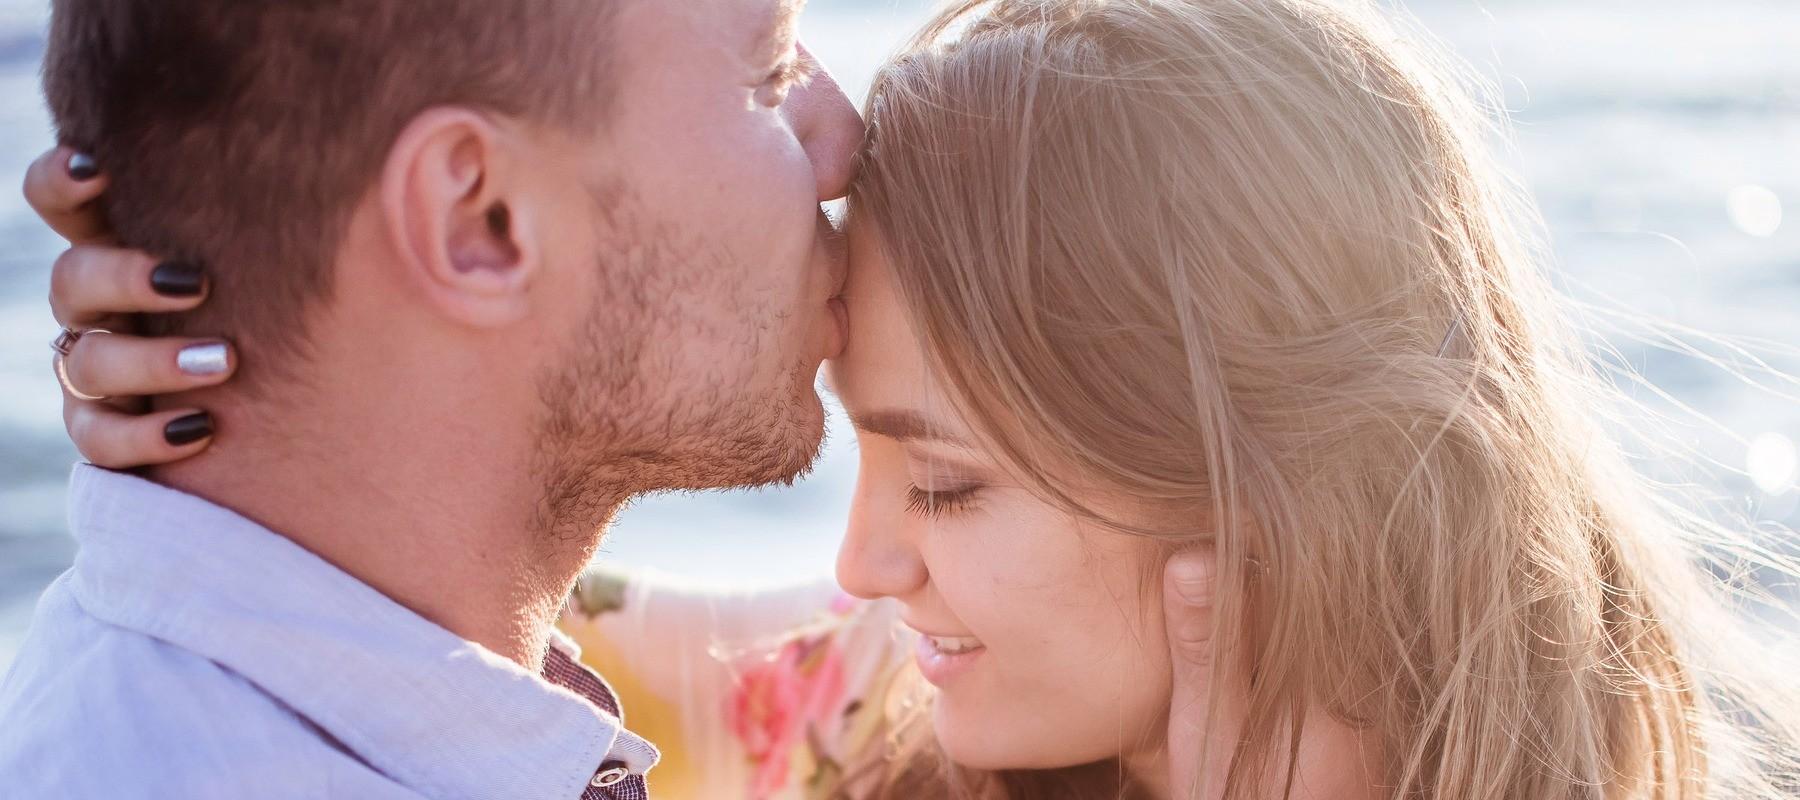 Πώς να ενδυναμώσετε τη σχέση σας;